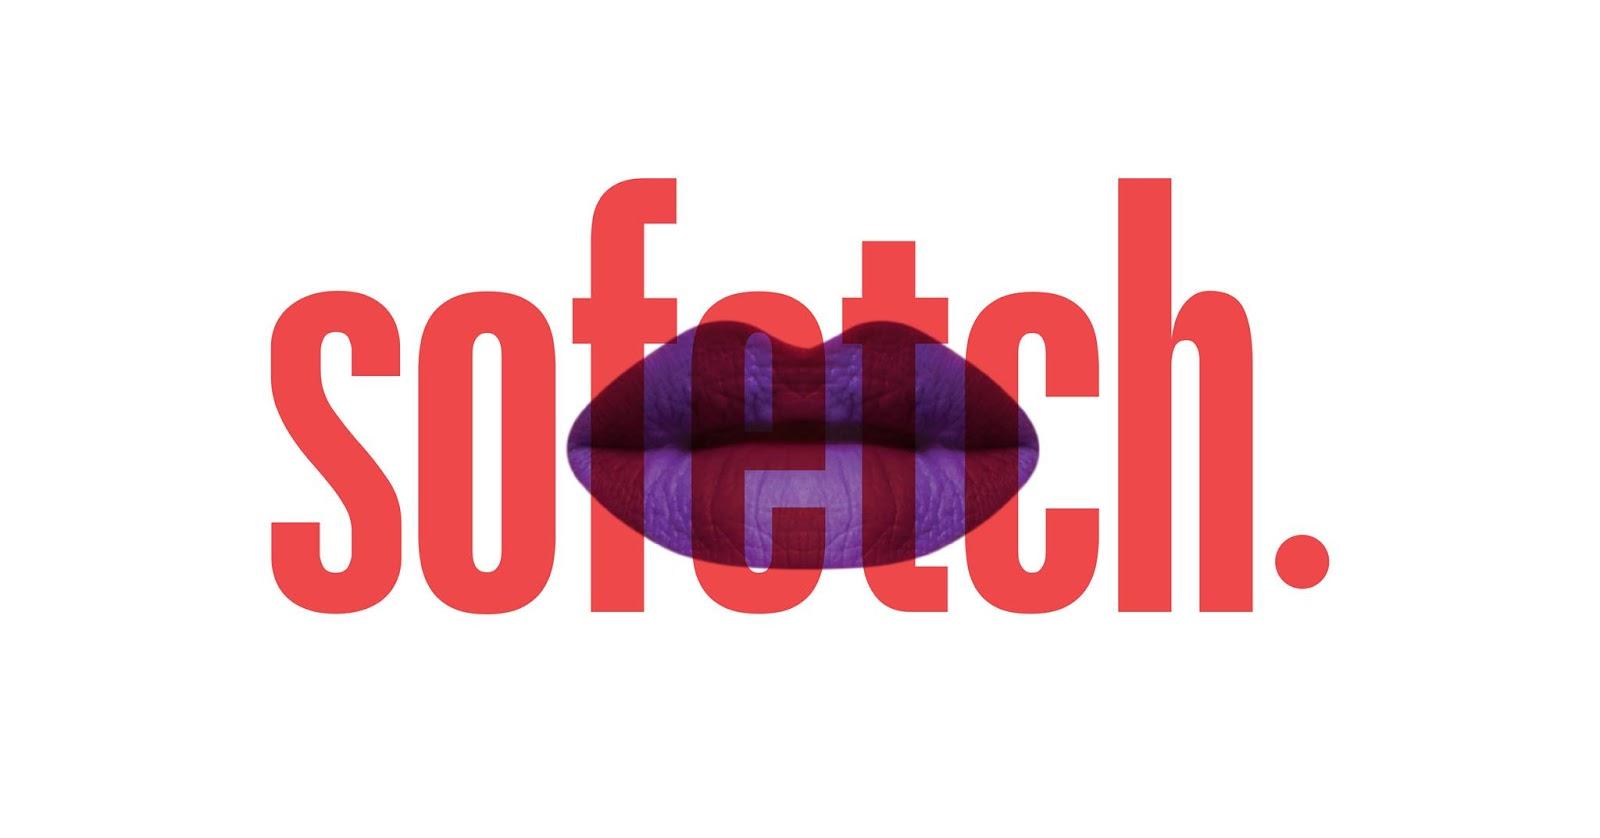 Sofetch's logo